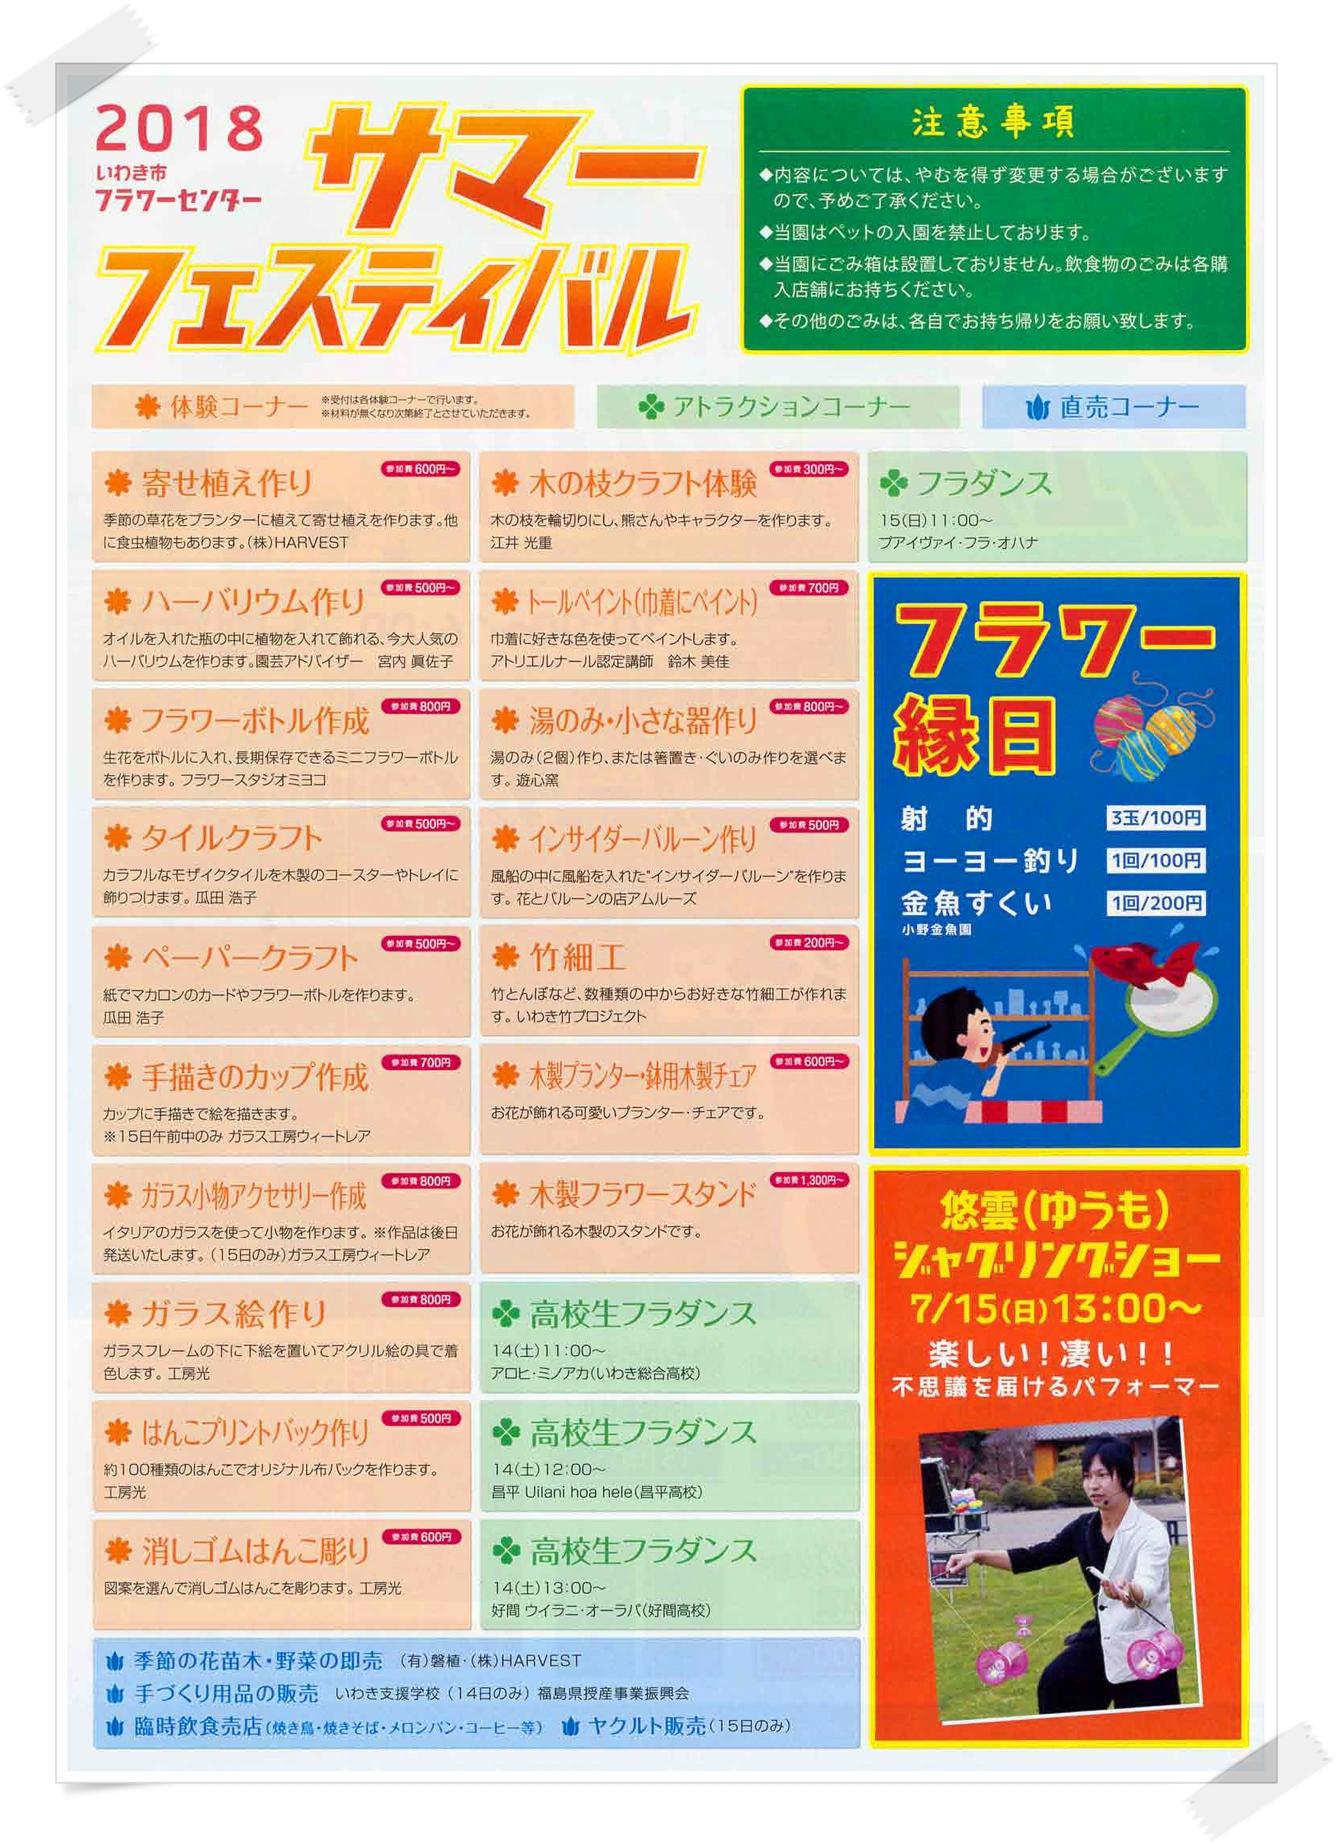 いわき市フラワーセンター「サマーフェスティバル」今週末開催! [平成30年7月9日(月)更新]2